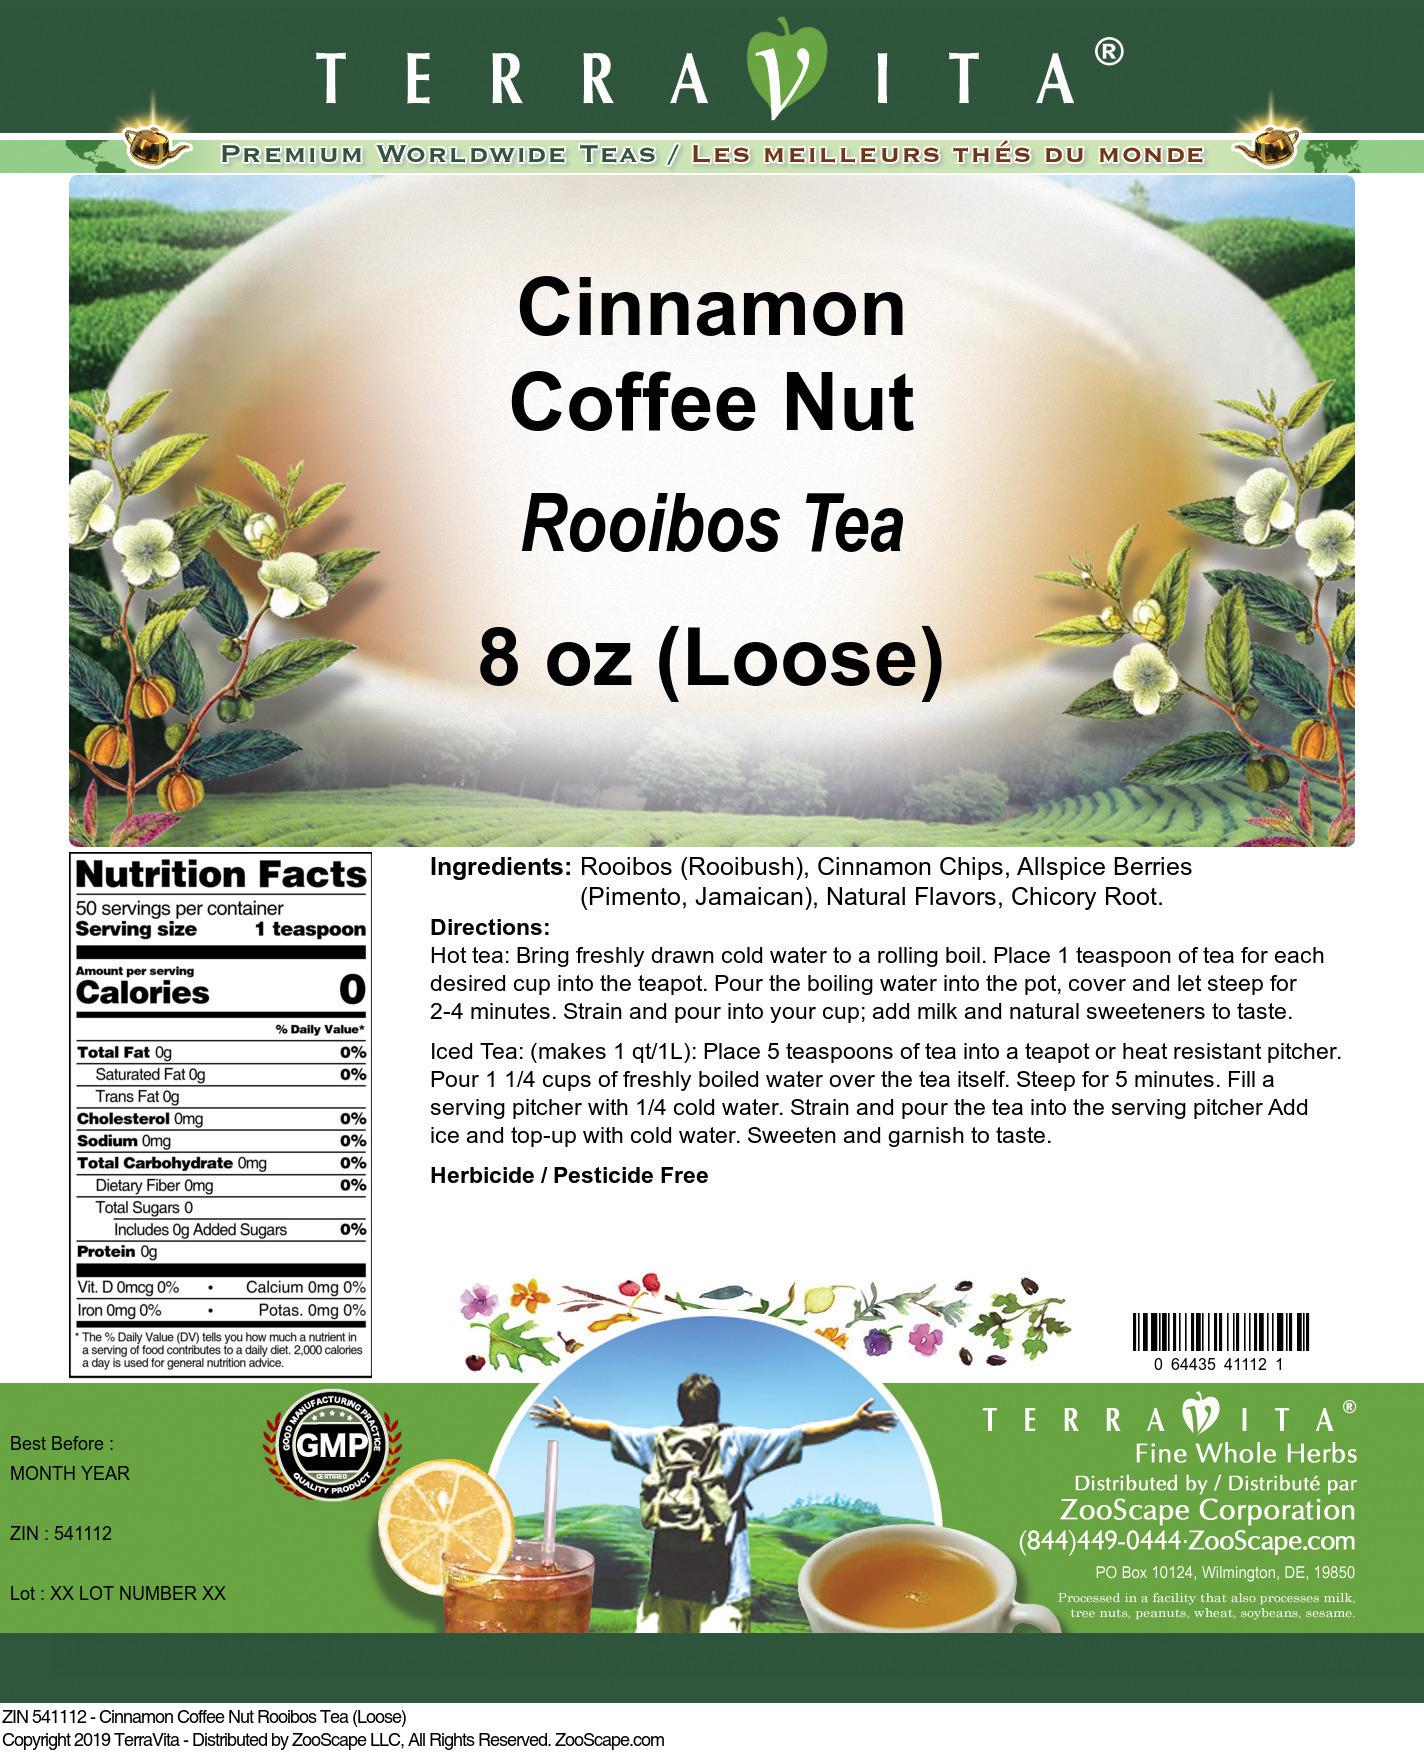 Cinnamon Coffee Nut Rooibos Tea (Loose)